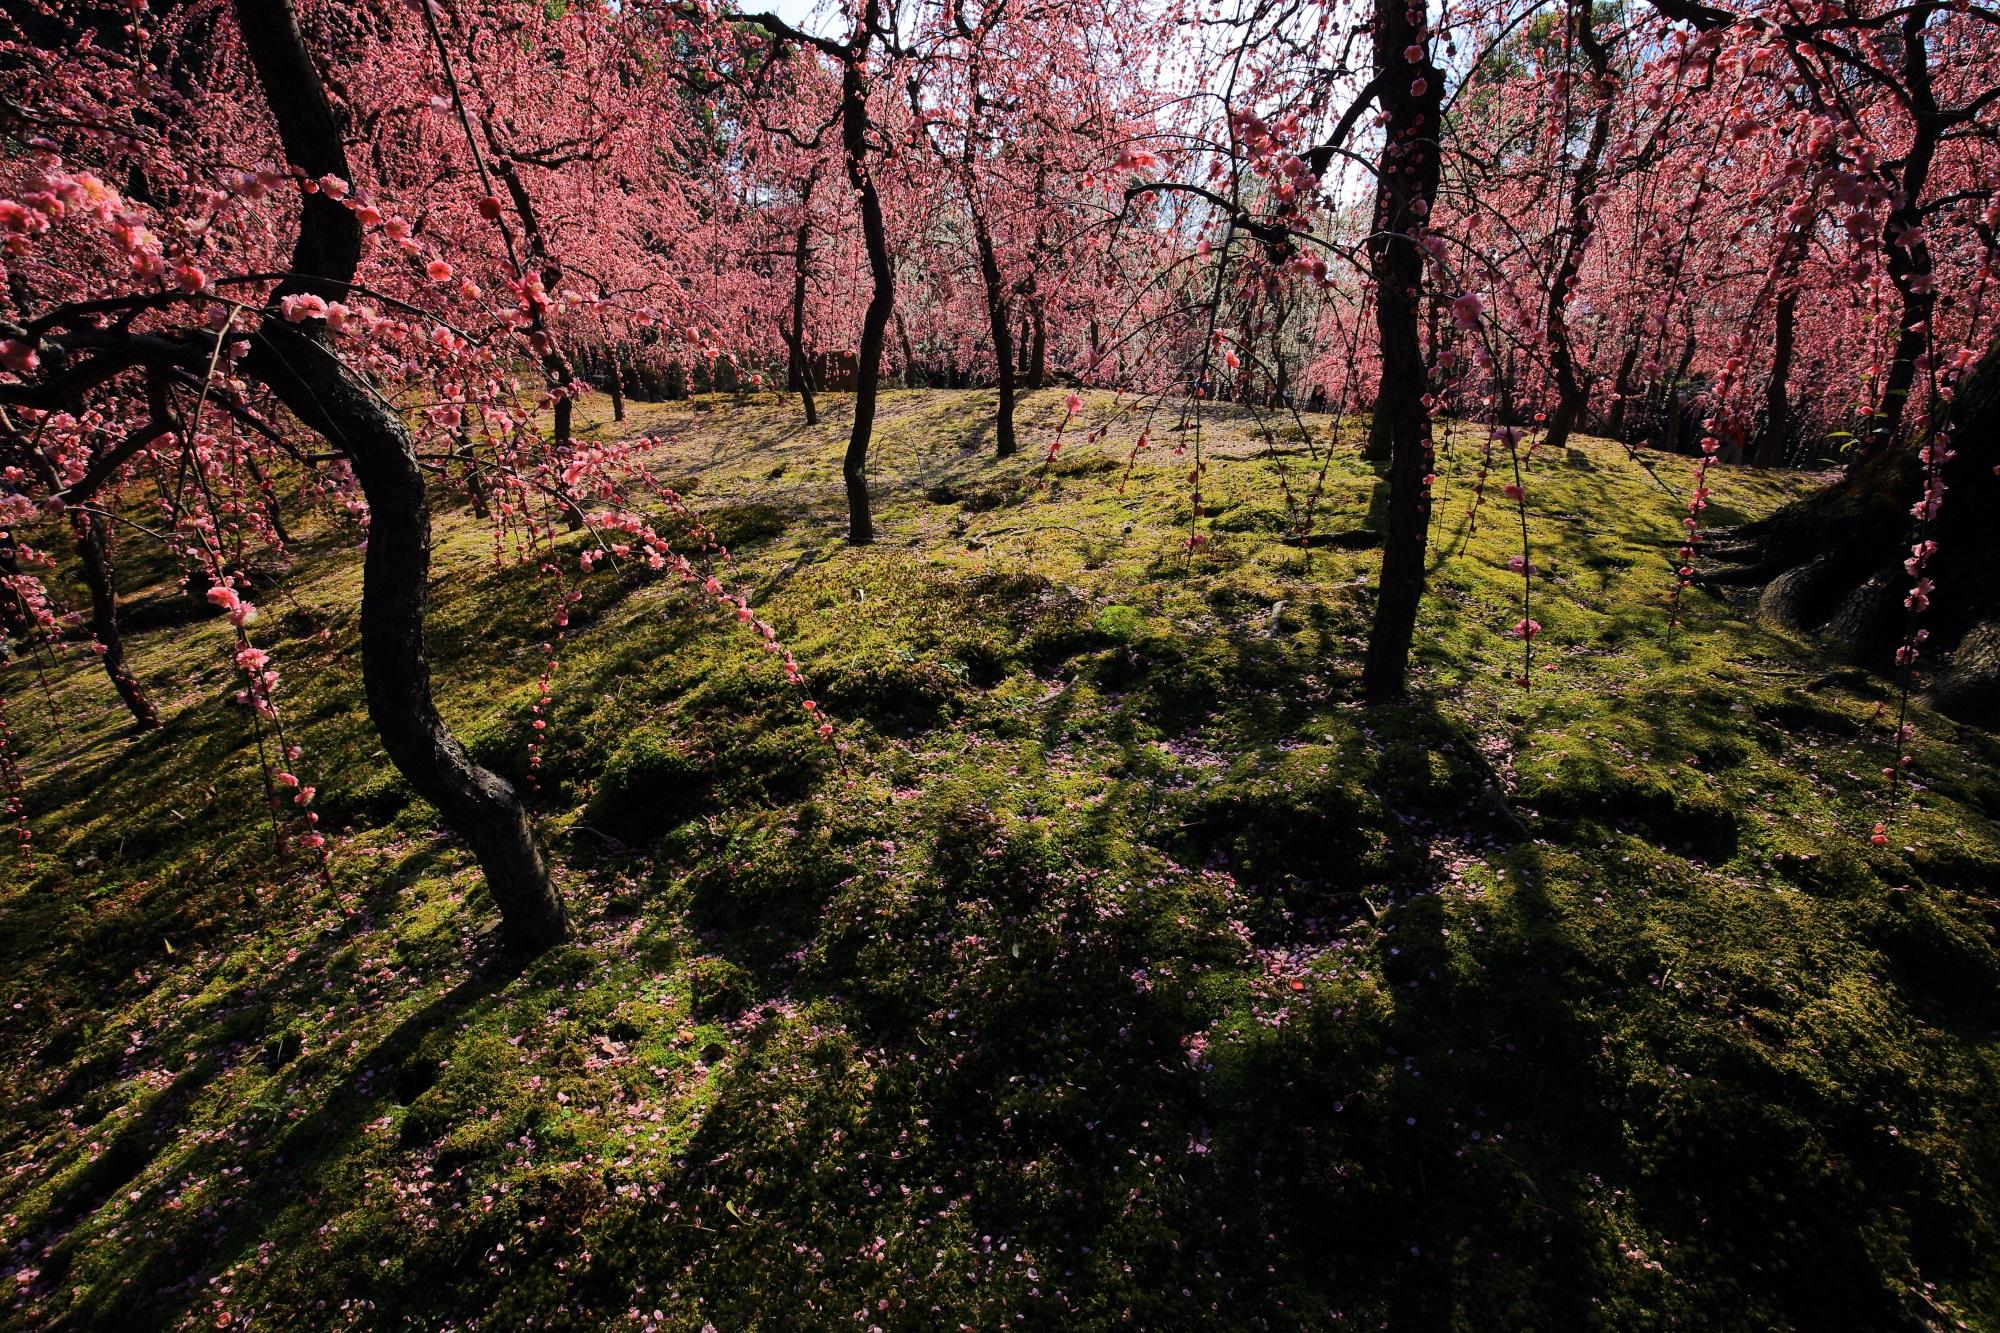 しだれ梅を演出する緑の苔や木漏れ日